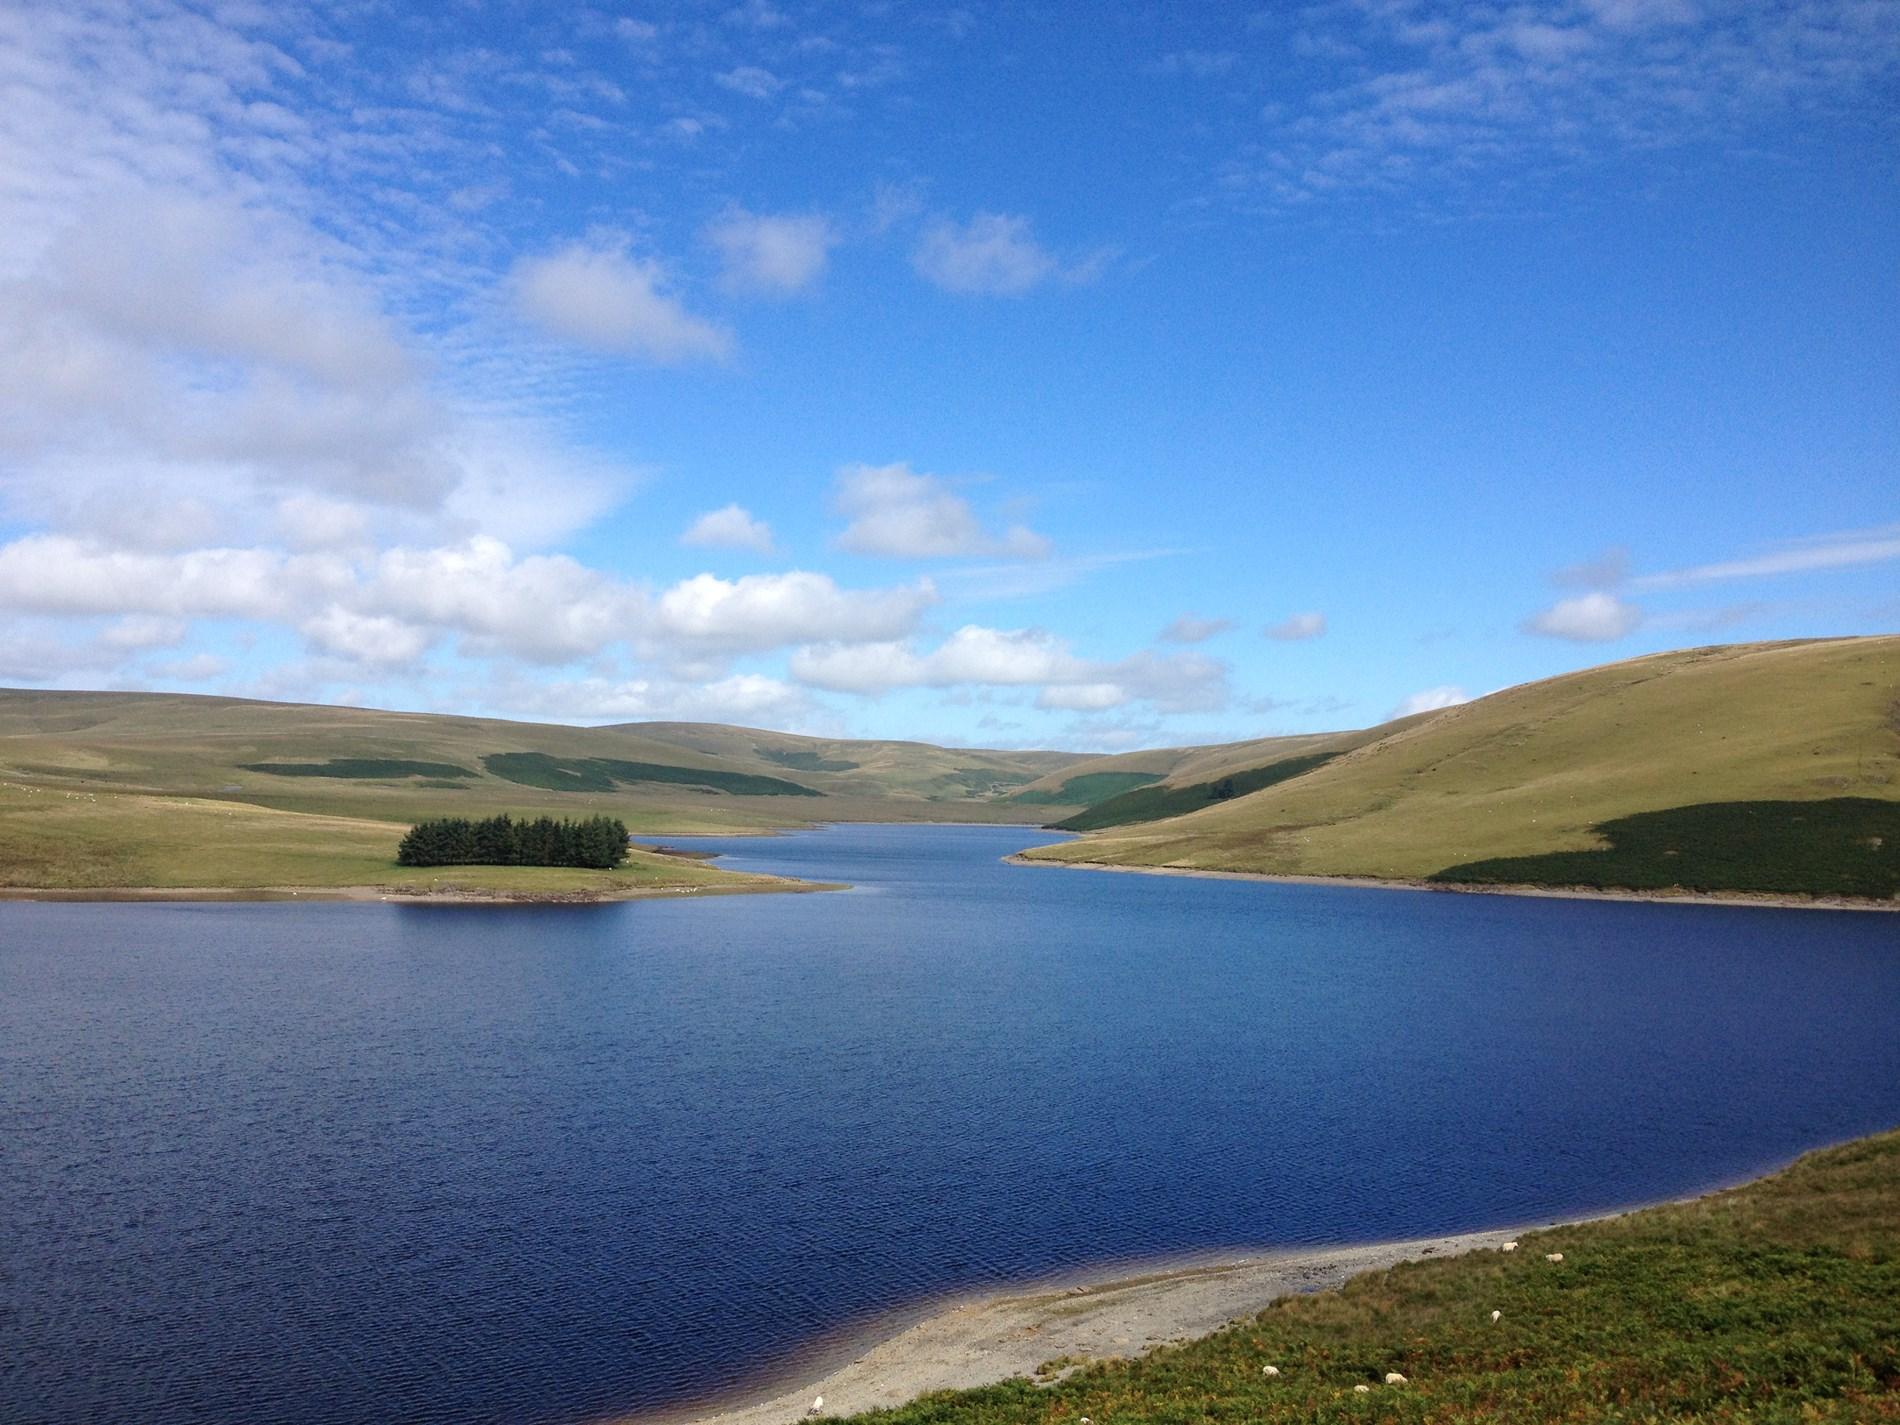 Craig Goch reservoir in the nearby Elan Valley